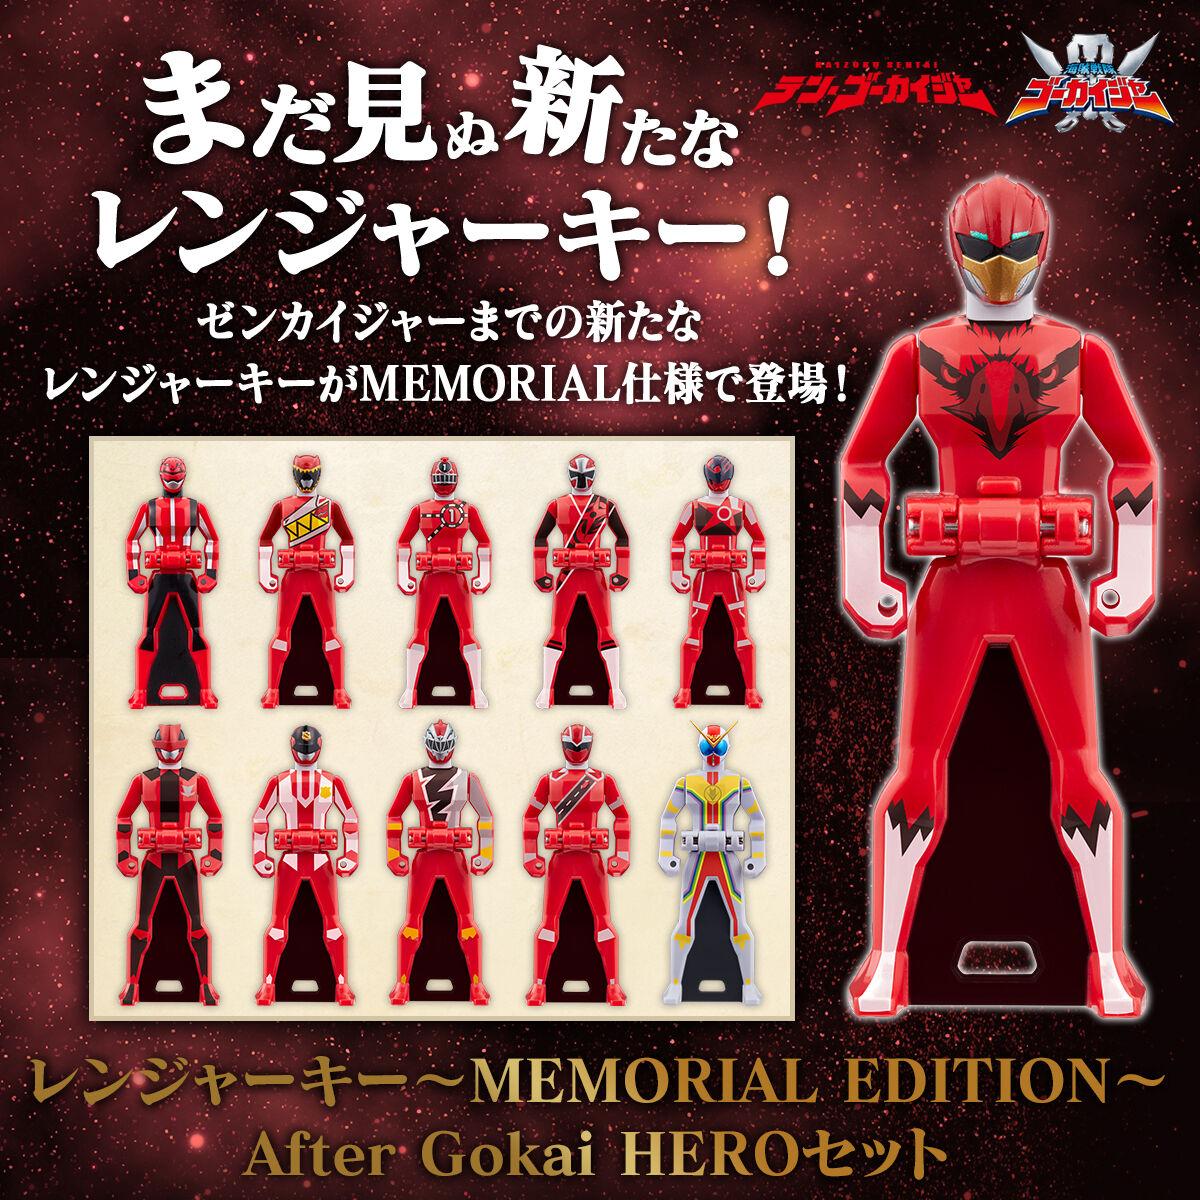 【限定販売】海賊戦隊ゴーカイジャー『レンジャーキー ~MEMORIAL EDITION~ After Gokai HERO セット』変身なりきり-001